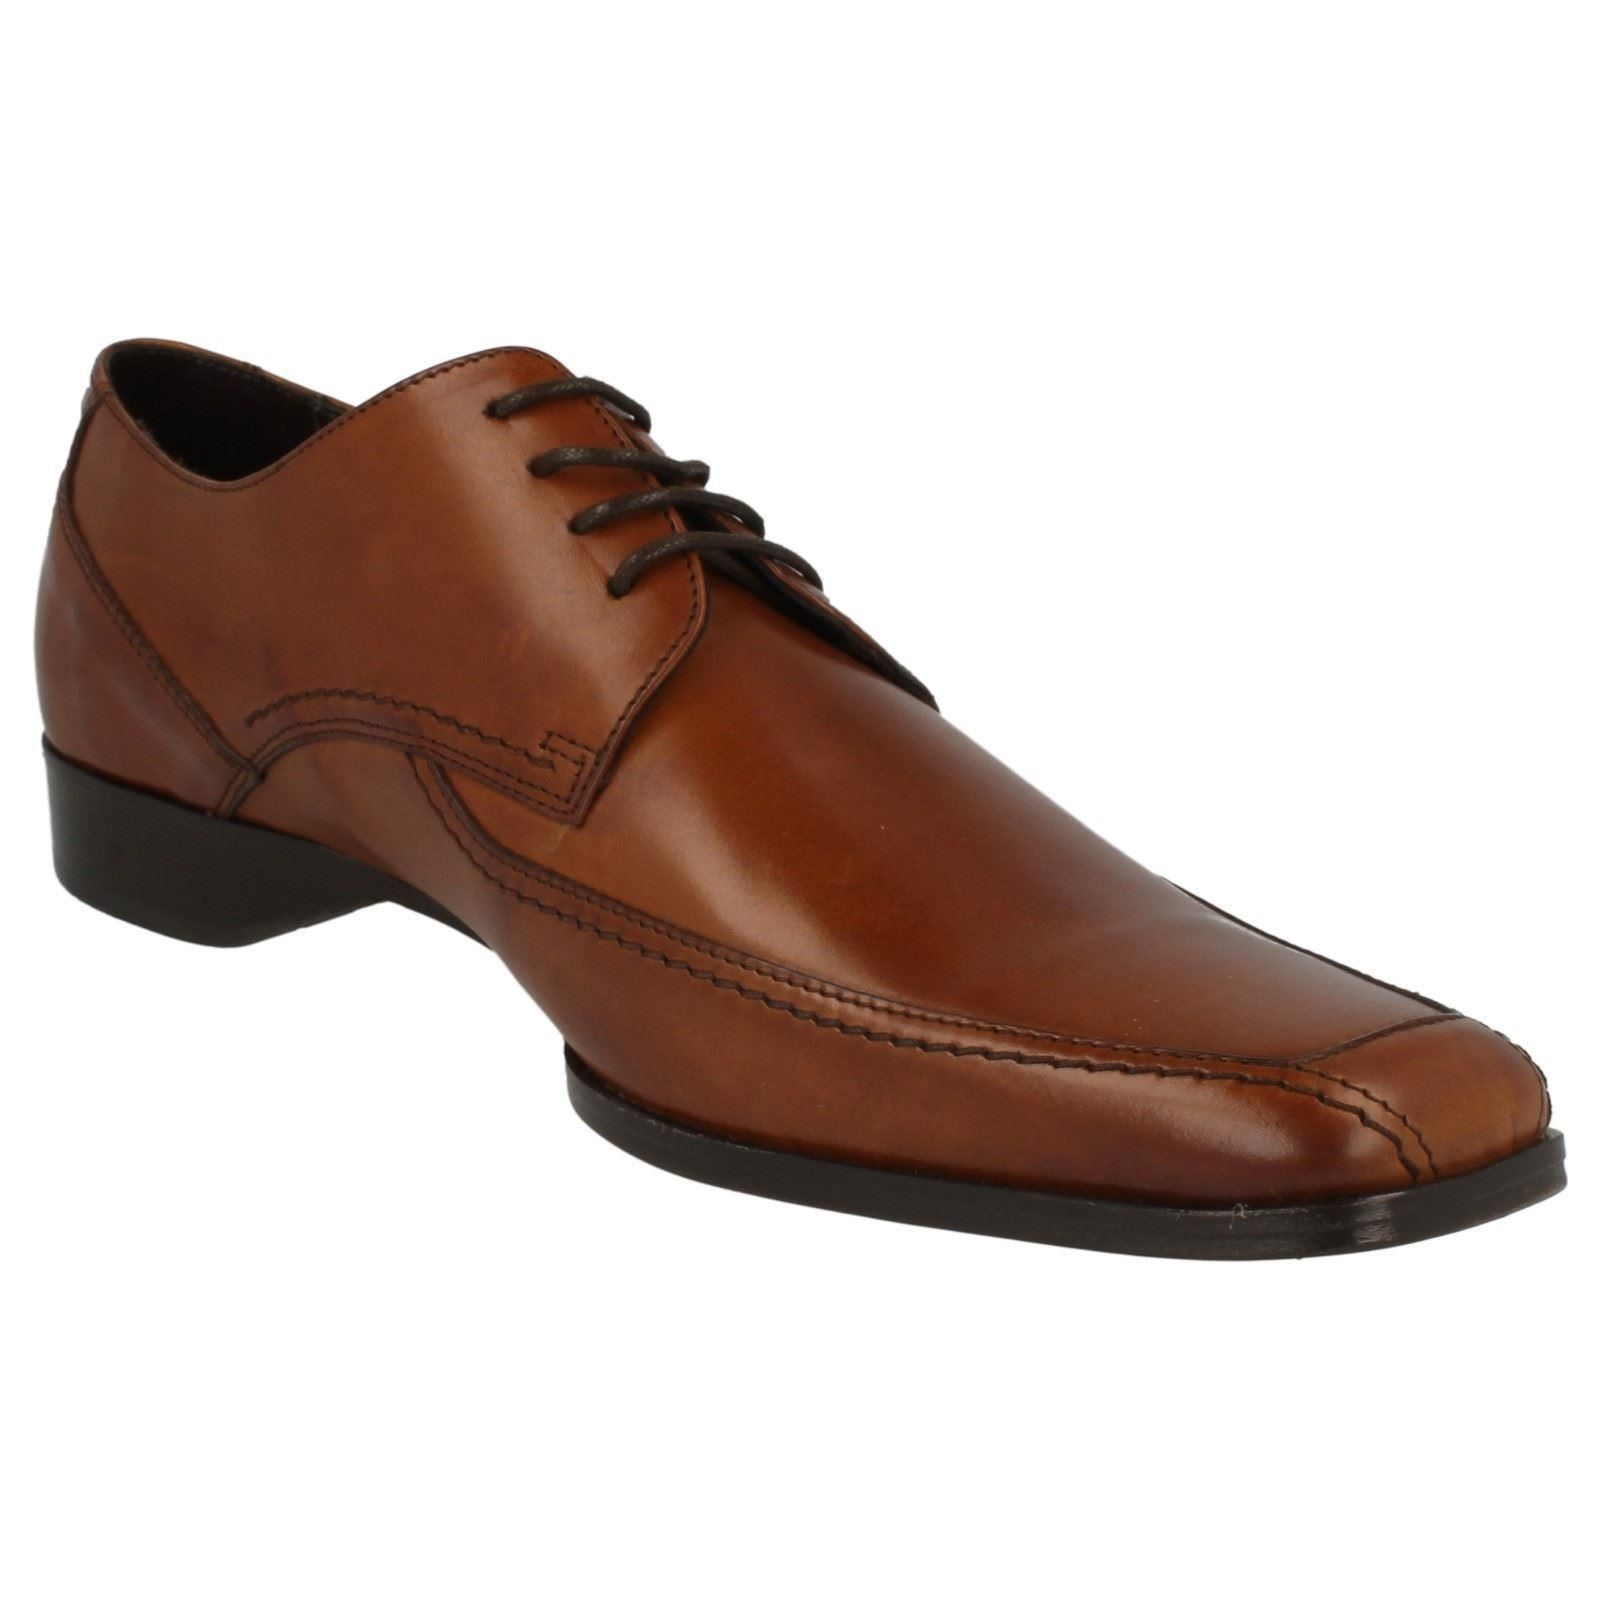 Mens Mens Mens Designer Loake Formal Leather Lace Up schuhe 1369T 5de173